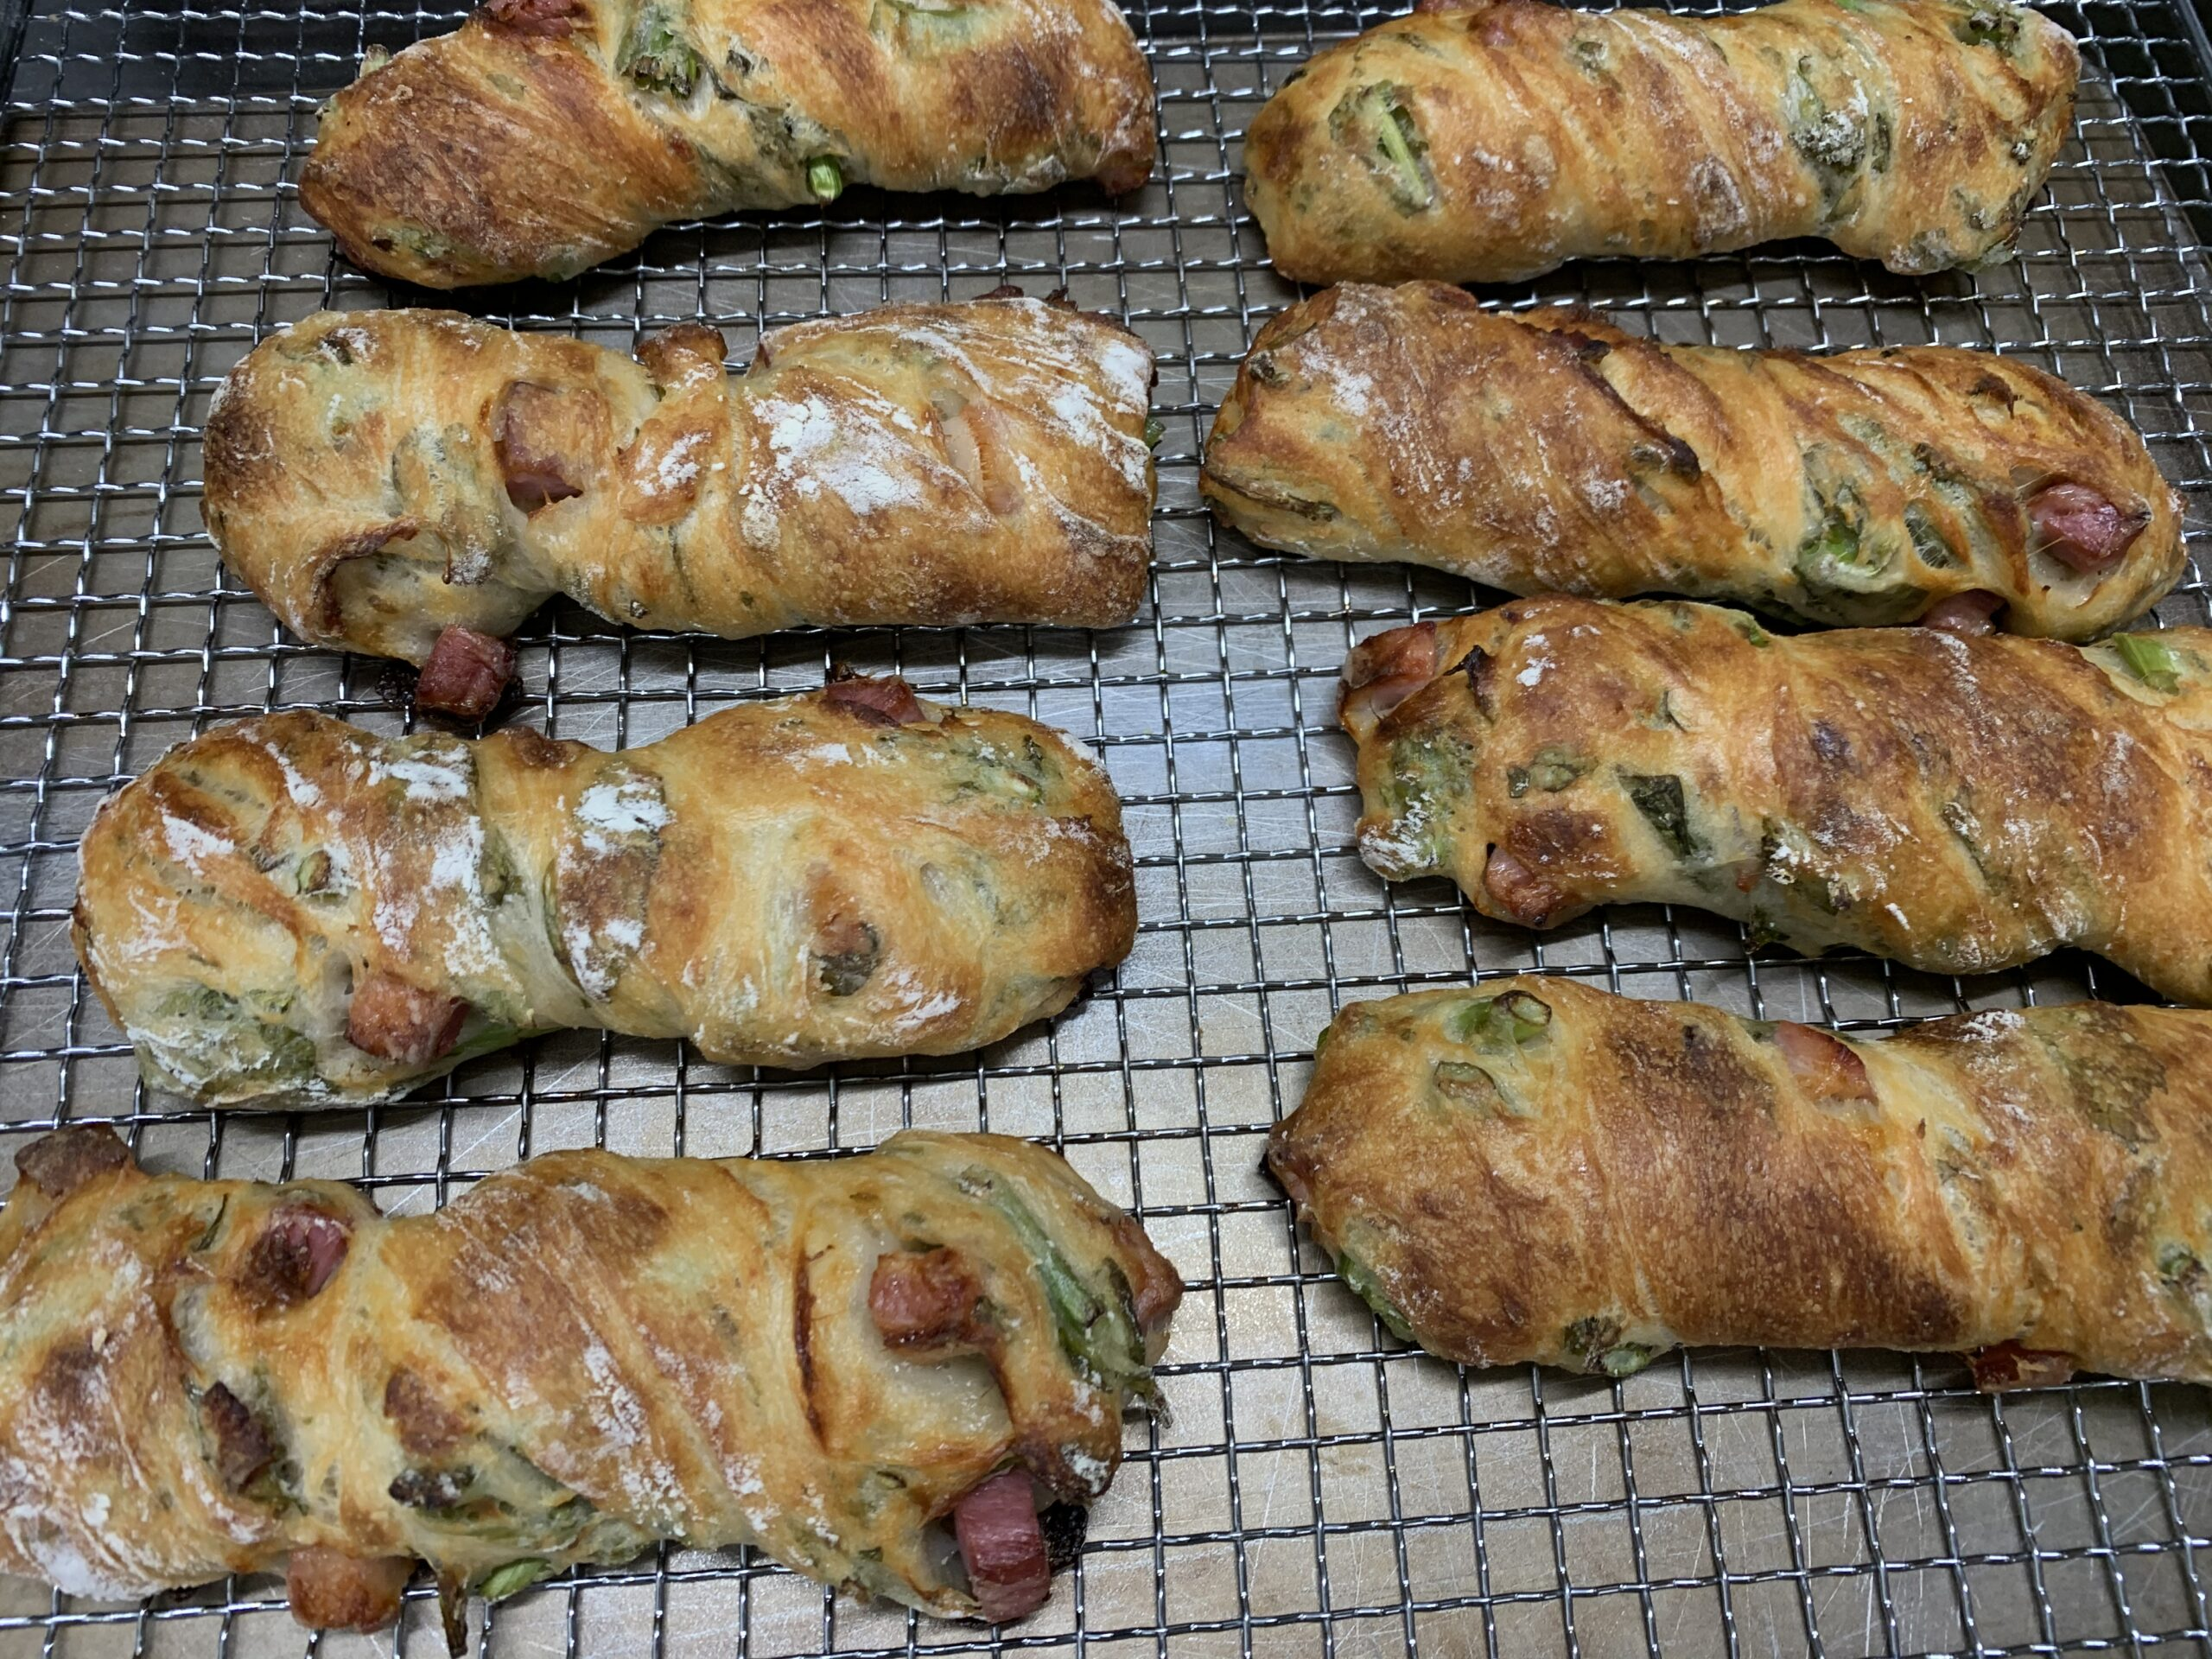 春を感じるパン ②  菜の花ベーコン ブーランジュリー セット 松本和弘